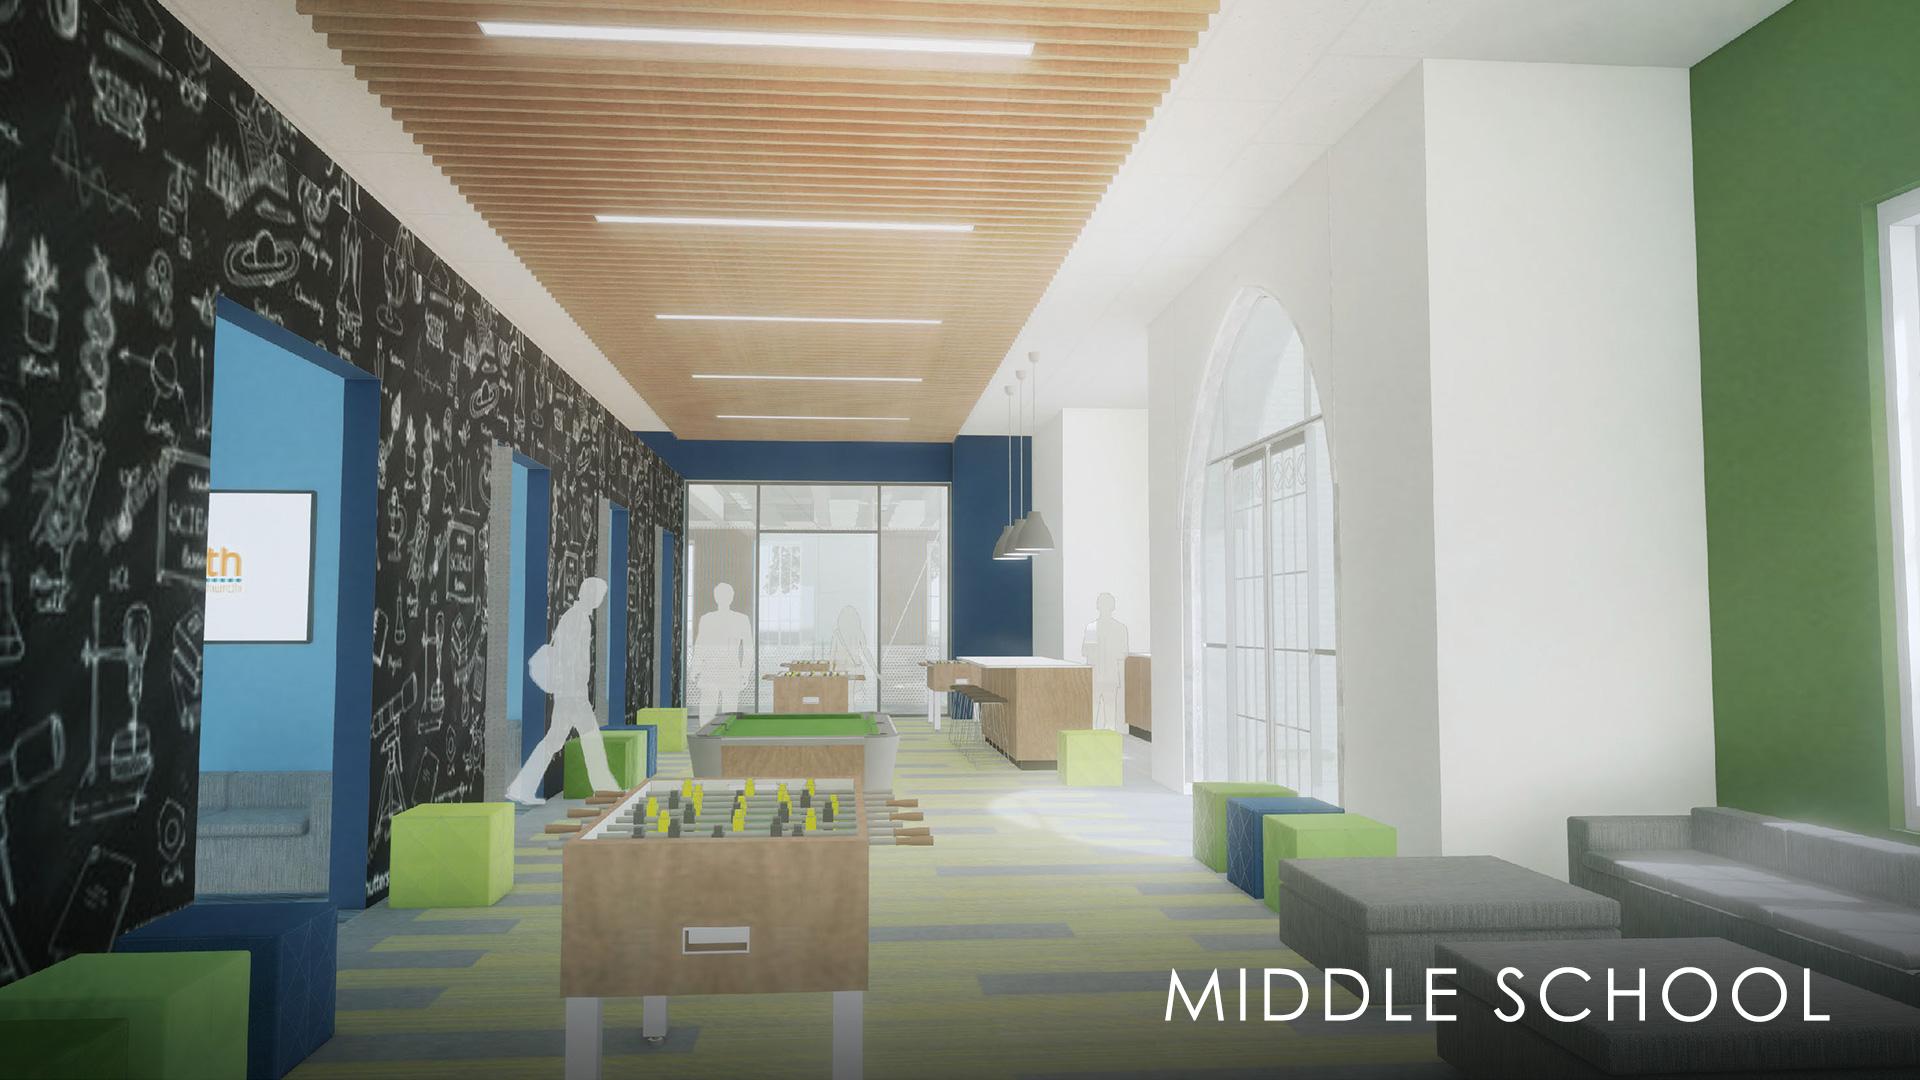 MiddleSchool-1920x1080.jpg